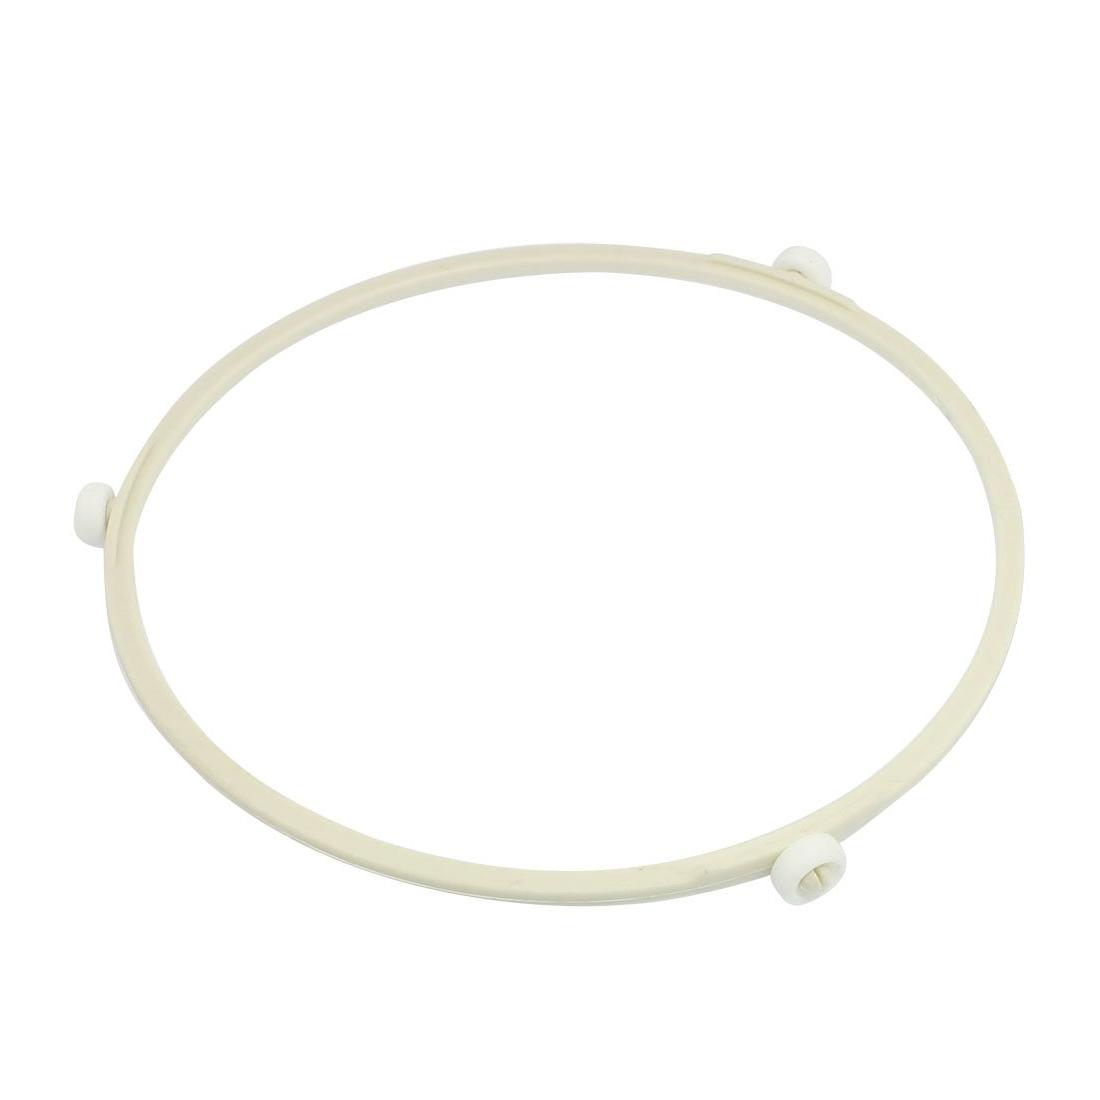 Комплектующие для микроволновых печей IMC 6.9 SZGH-CNIM-G006100